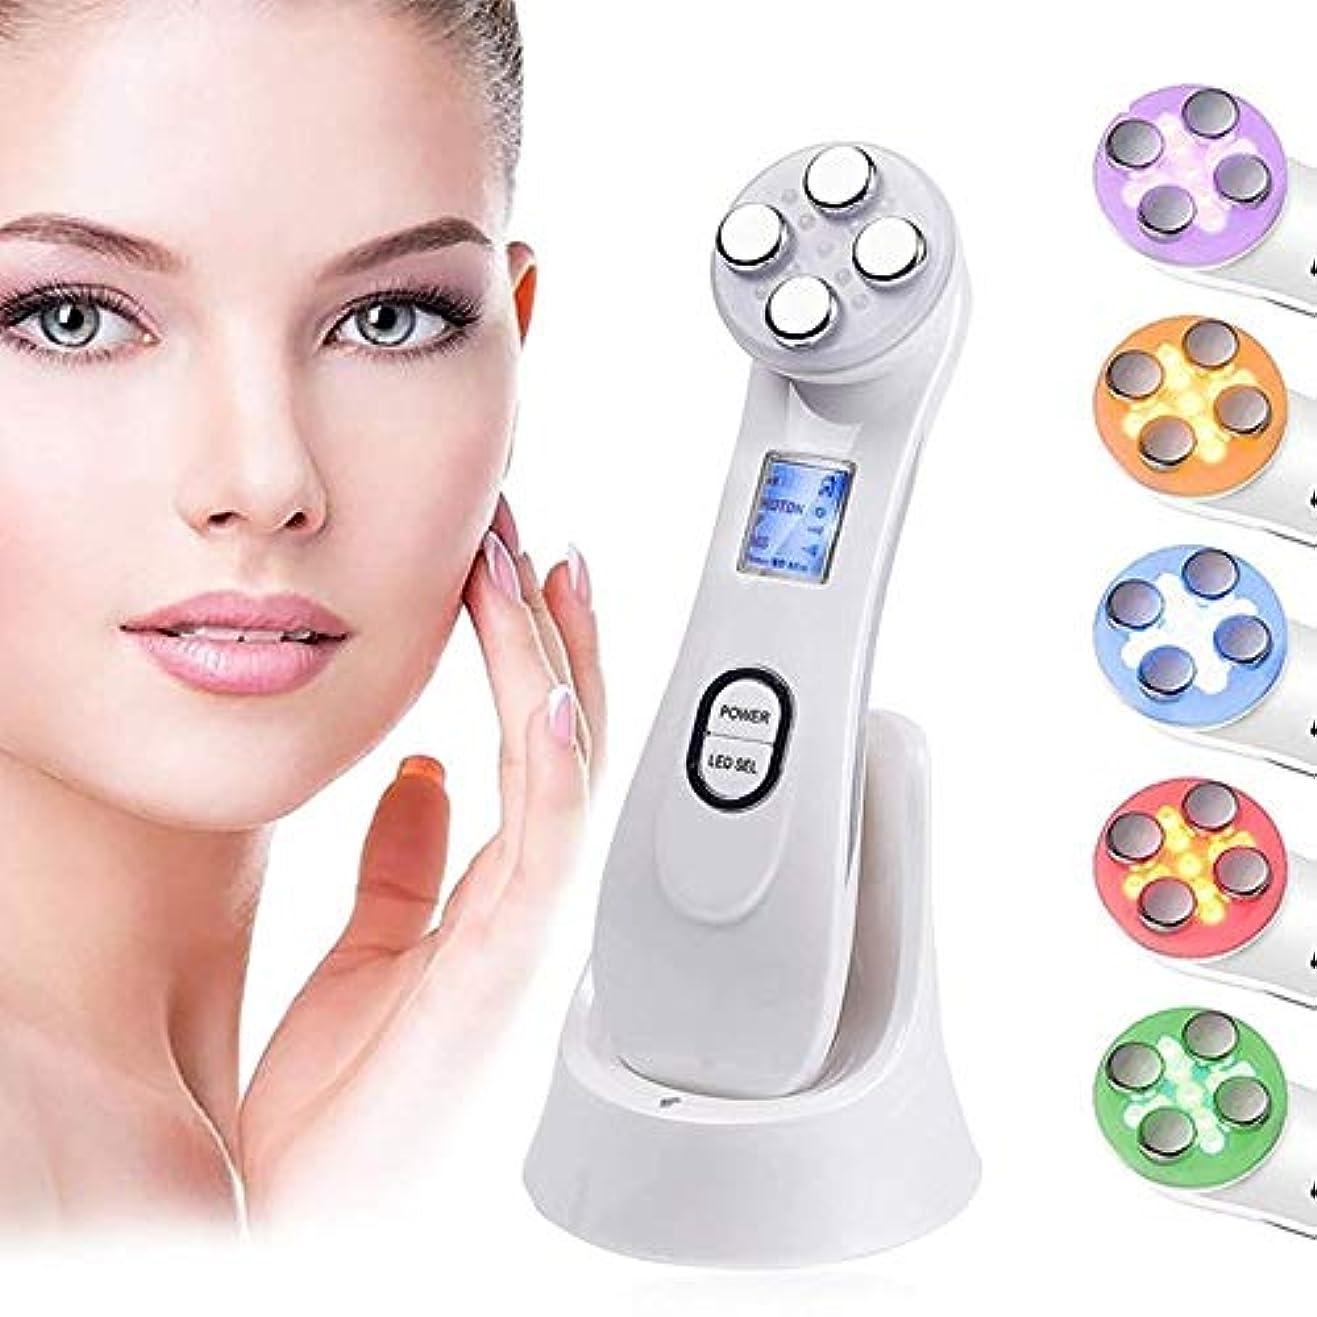 ジャンプする整然としたカビきれいなマッサージを老化防止1つの顔の摩擦でマイクロ現在のエレクトロポレーション針なし美白美容皮膚光子美容器5